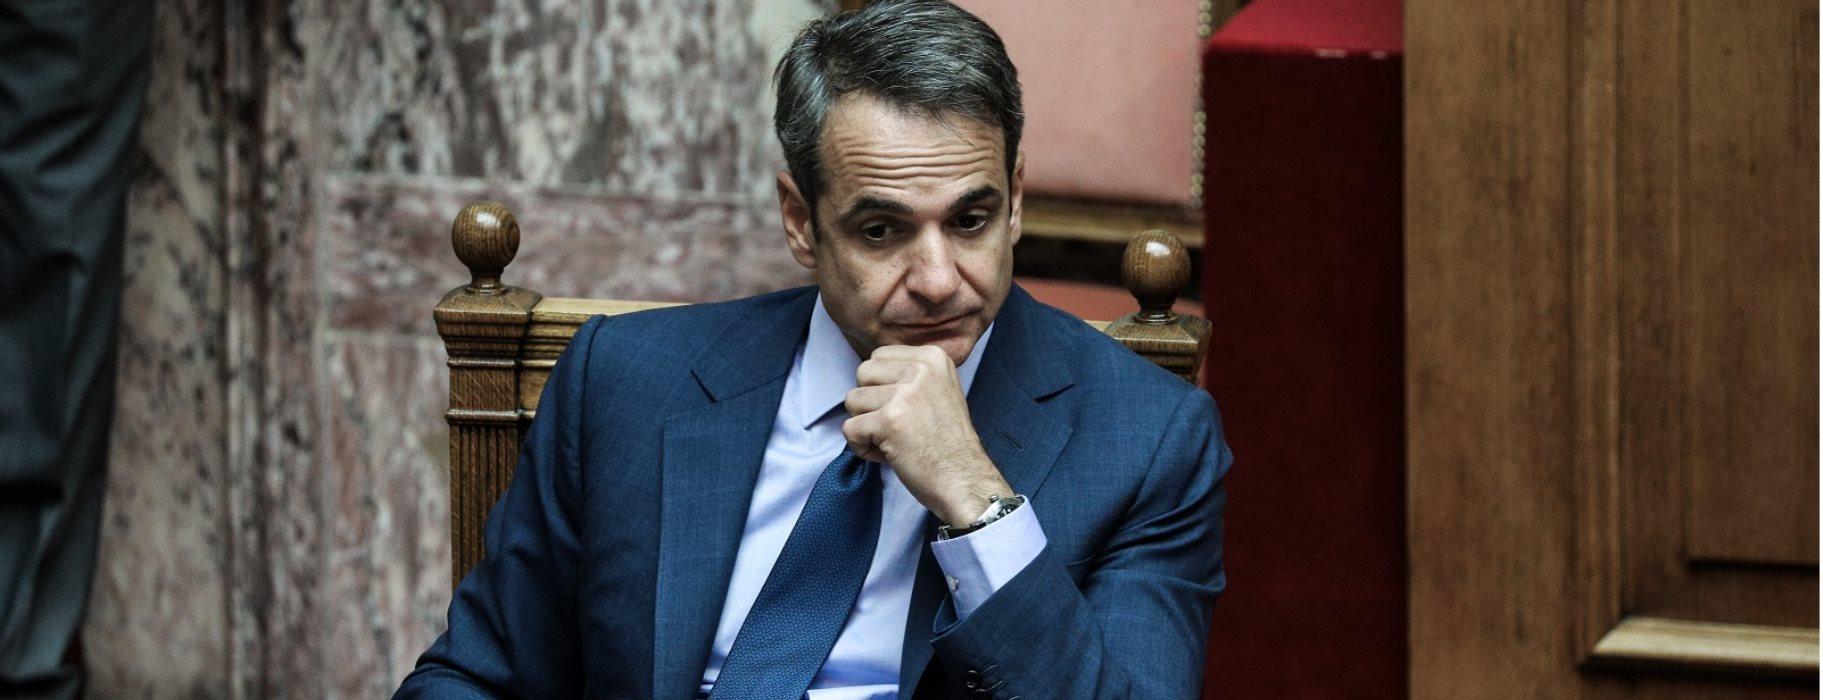 """Οι """"διπλωματικές κινήσεις"""" της Ελλάδας & τα 7 ραντεβού του Ιανουαρίου"""